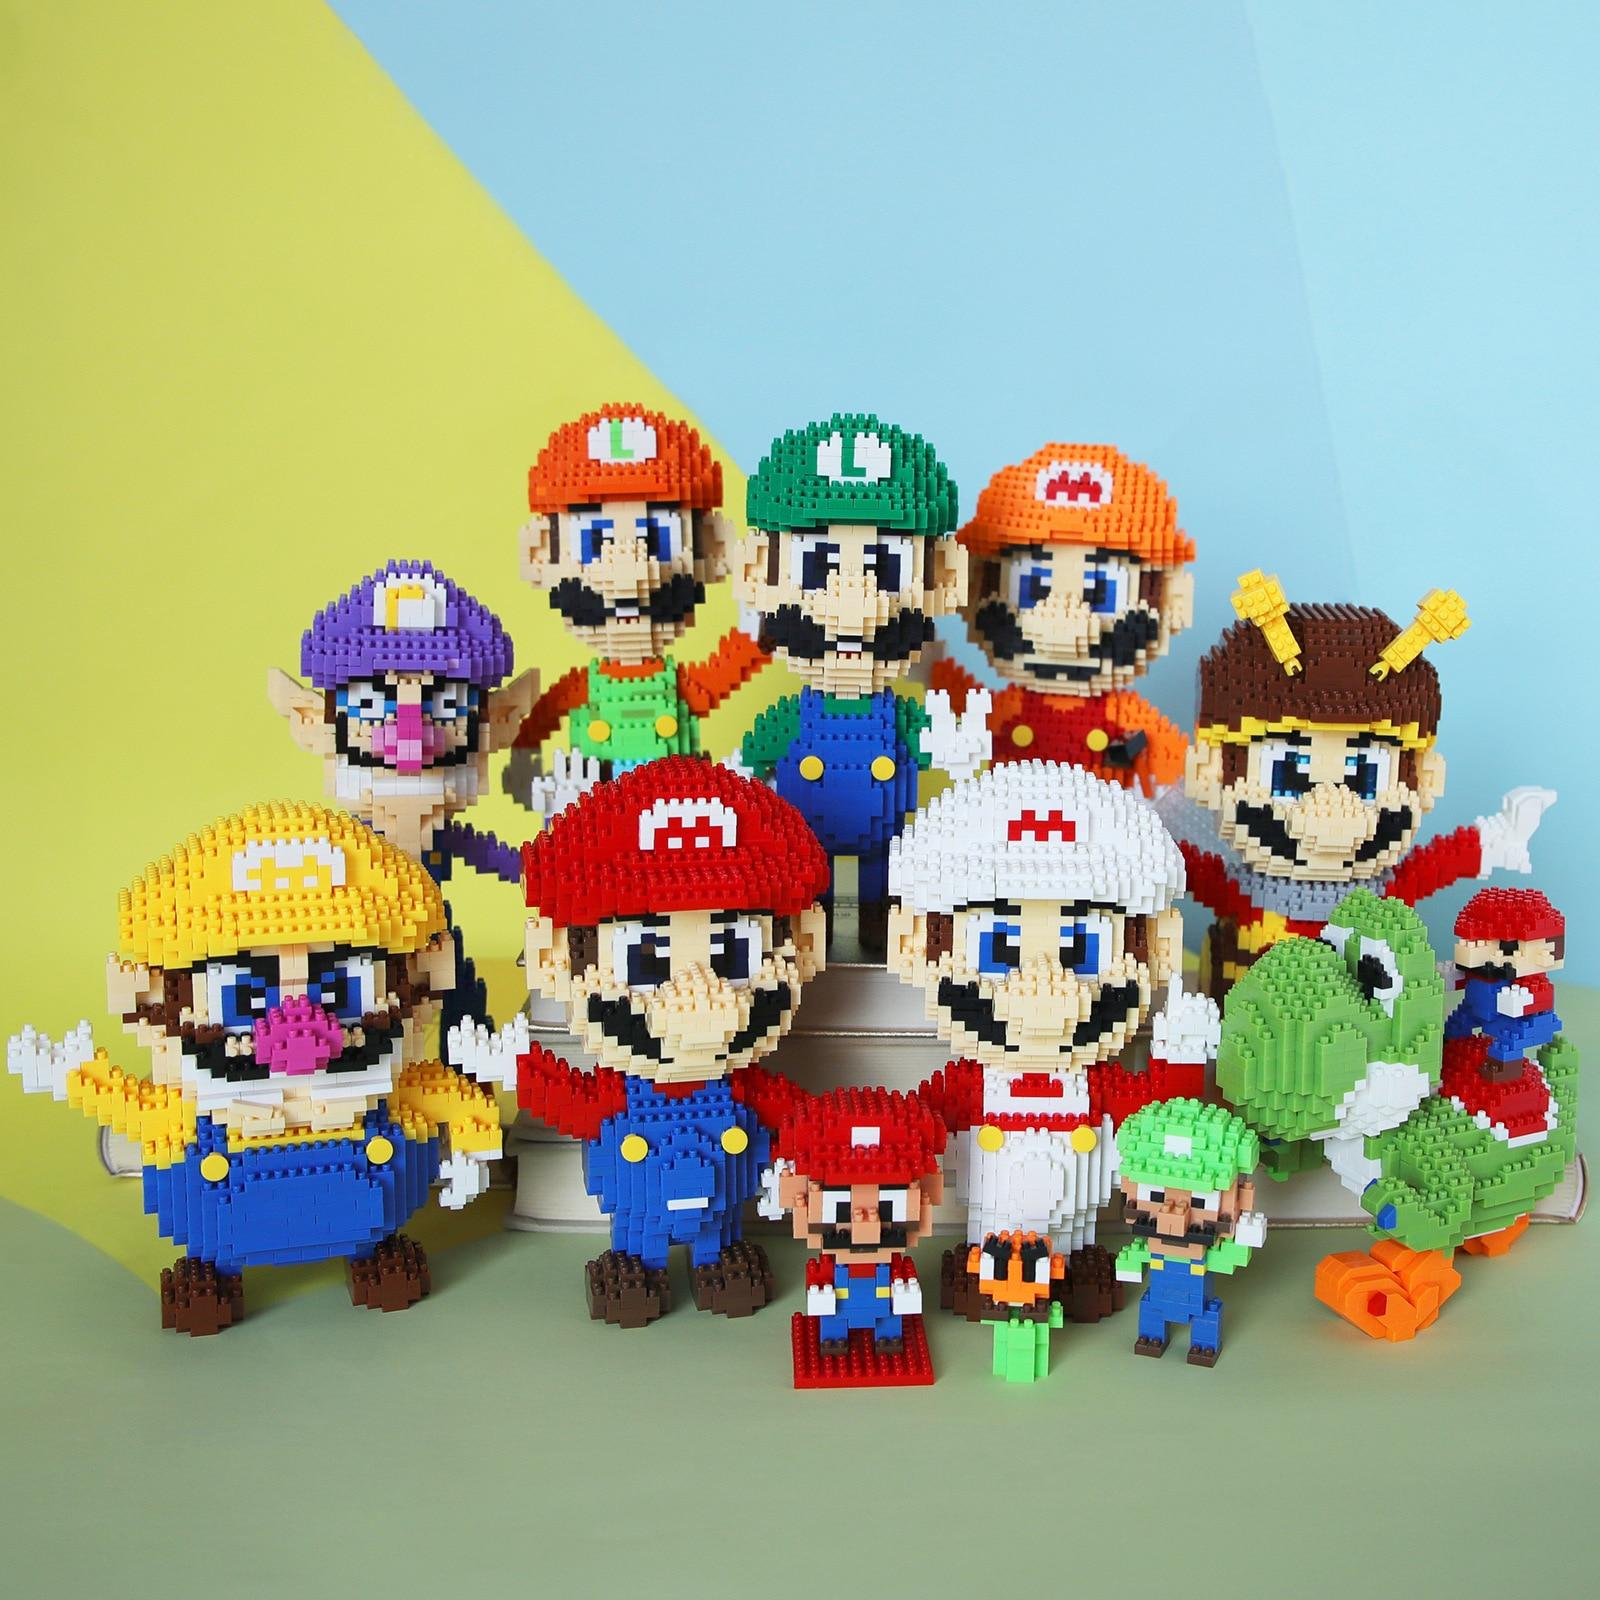 Мини-фигурки «Супер Марио» из мультфильмов, развивающие строительные игрушки, экшн-фигурки, детские игрушки для детей, подарки на день рожд...